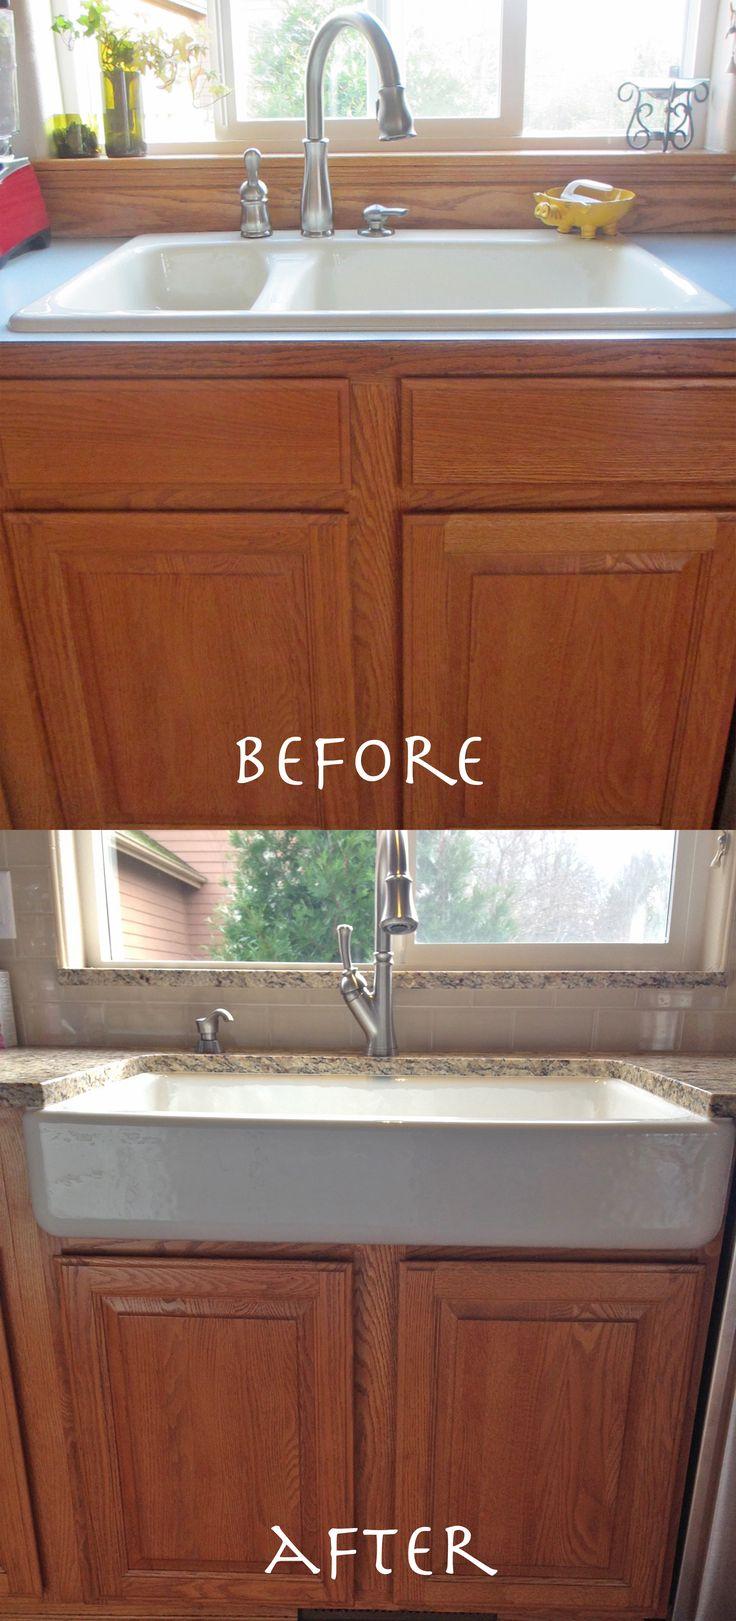 apron front sink retrofit a standard cabinet kohler. Black Bedroom Furniture Sets. Home Design Ideas